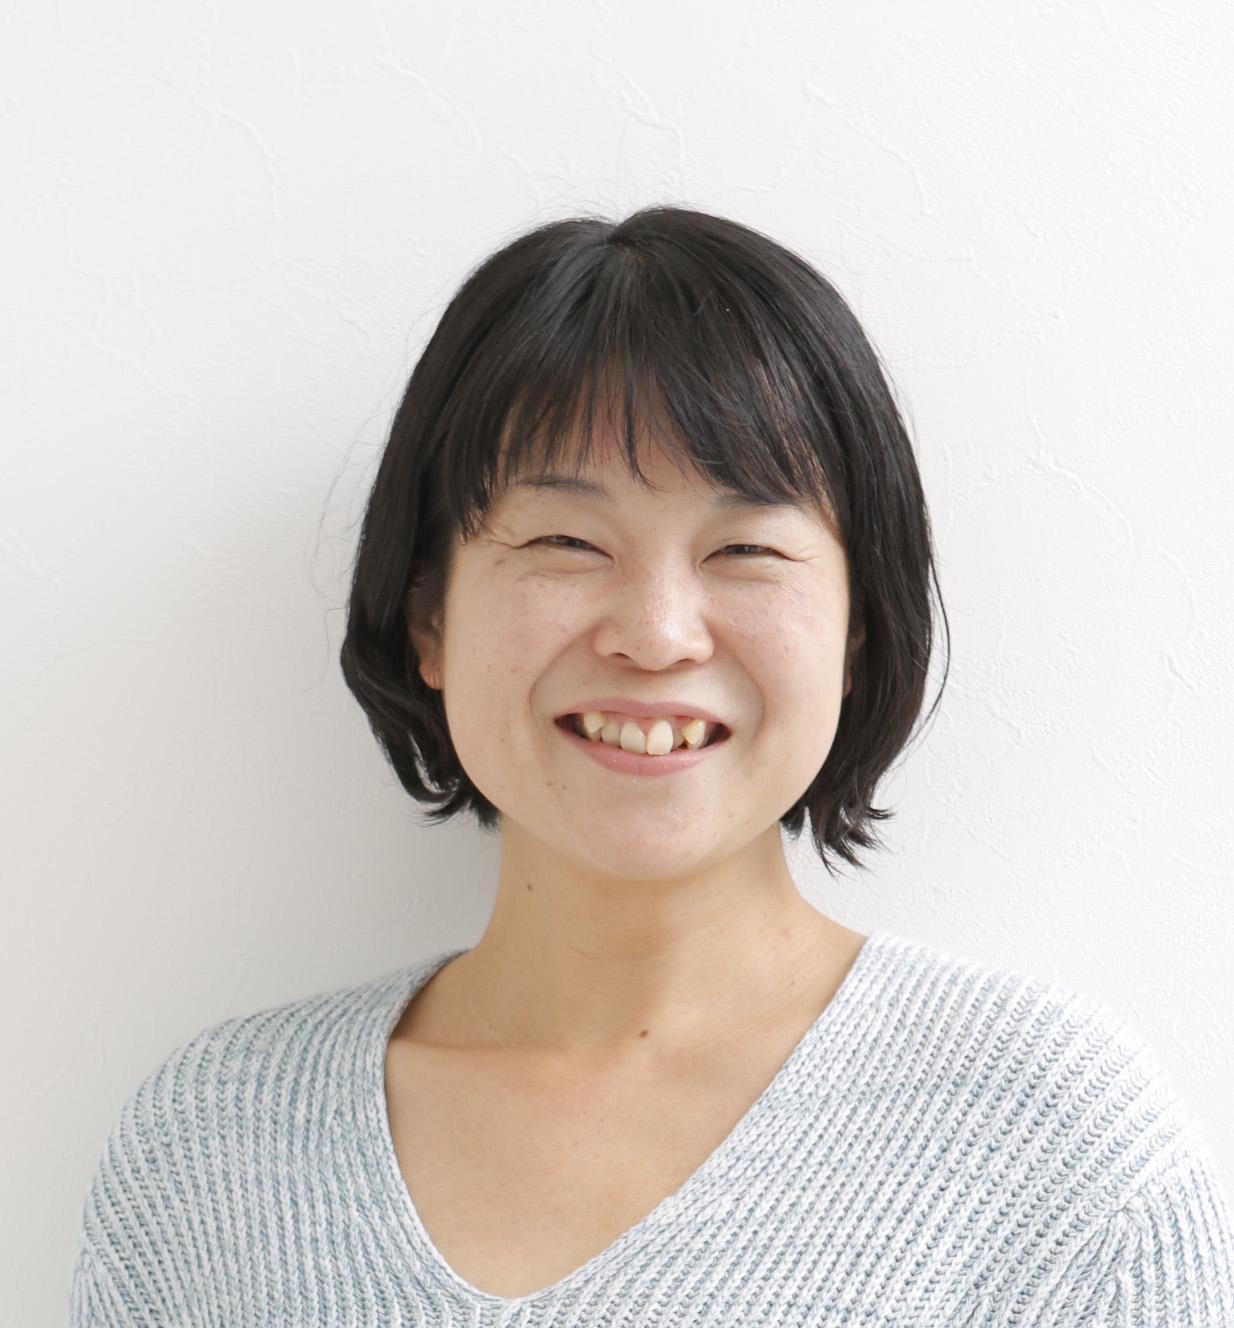 安藤陽子さん